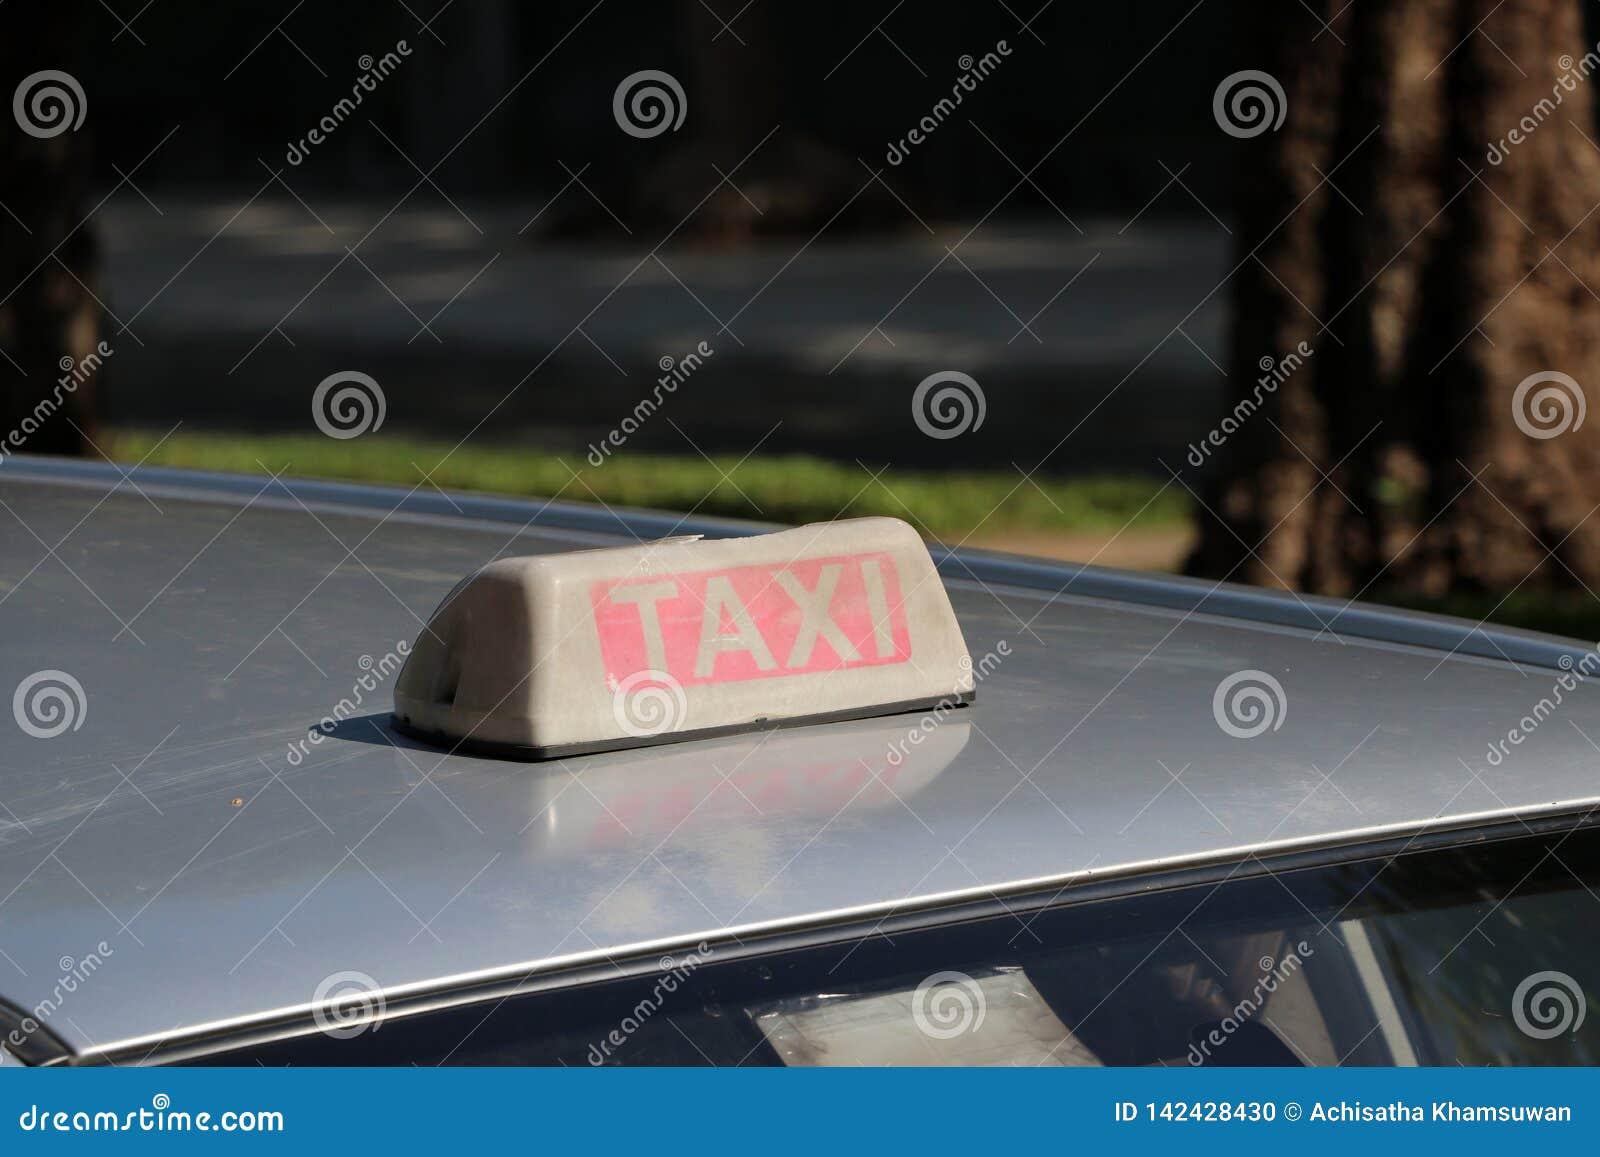 Το ελαφρύ σημάδι ή το αμάξι ταξί υπογράφει στο μονότονο άσπρο και κόκκινο χρώμα με το άσπρο κείμενο στη στέγη αυτοκινήτων στο θολ